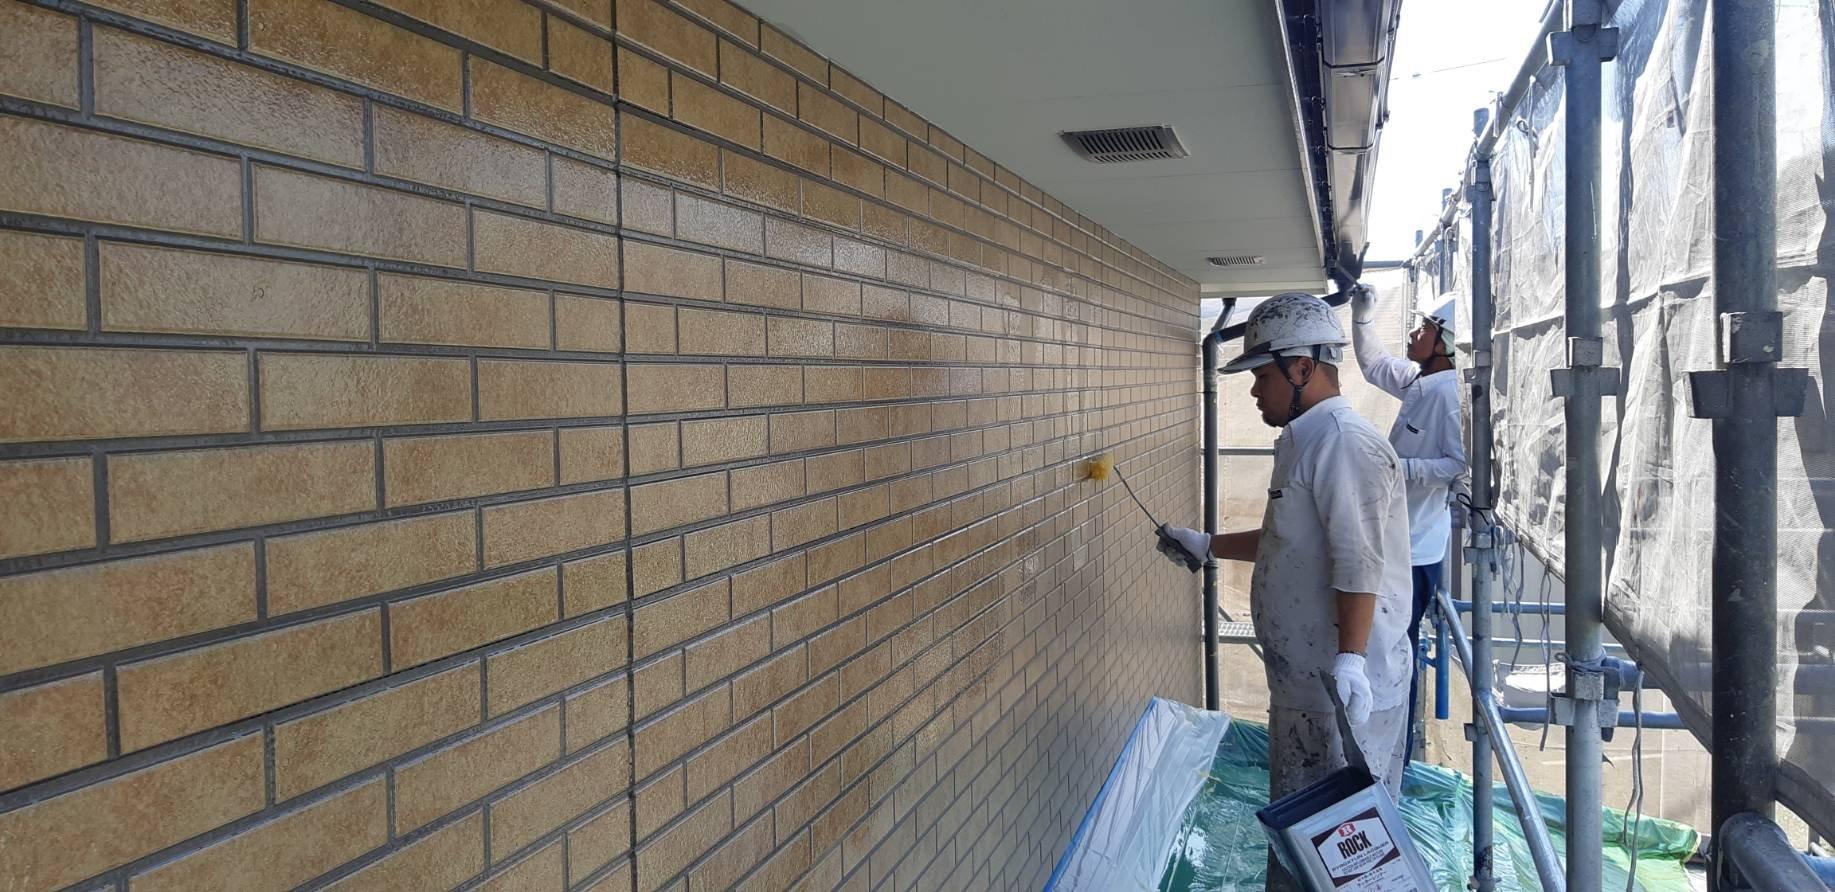 福岡県古賀市K様邸施工3日目外壁下塗り付帯塗装作業